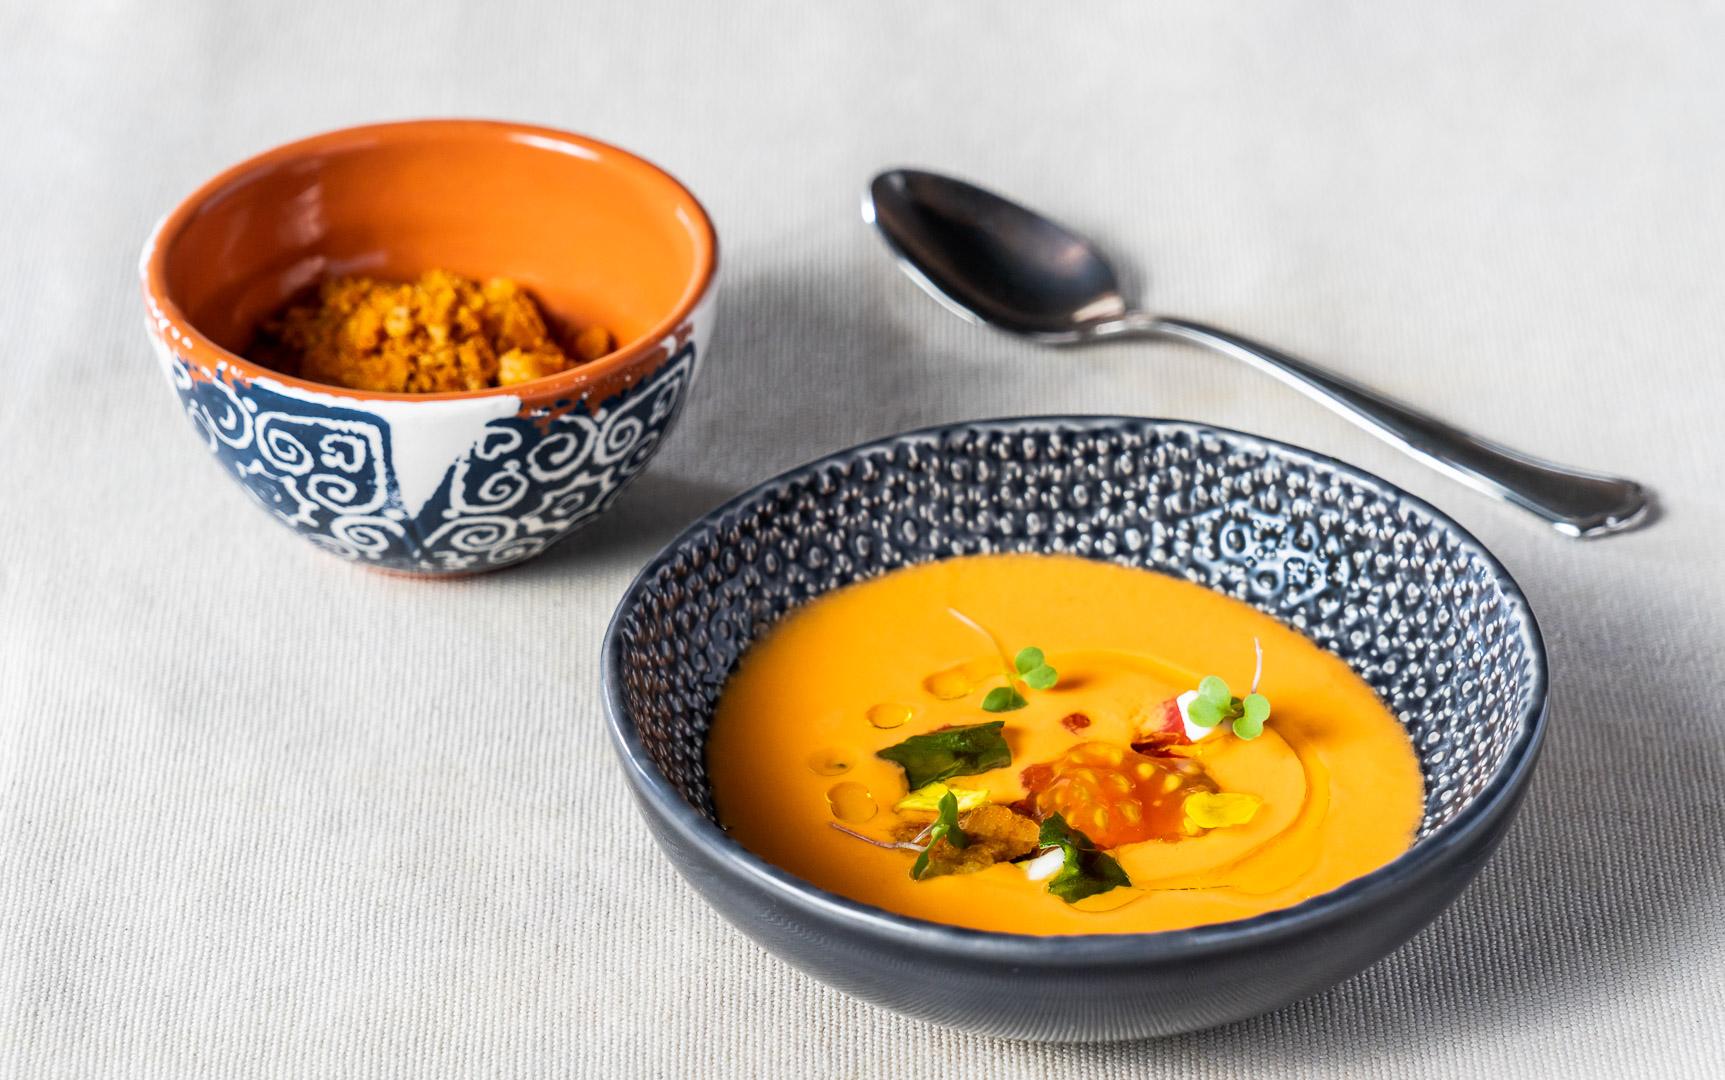 fotografo gastronomico madrid